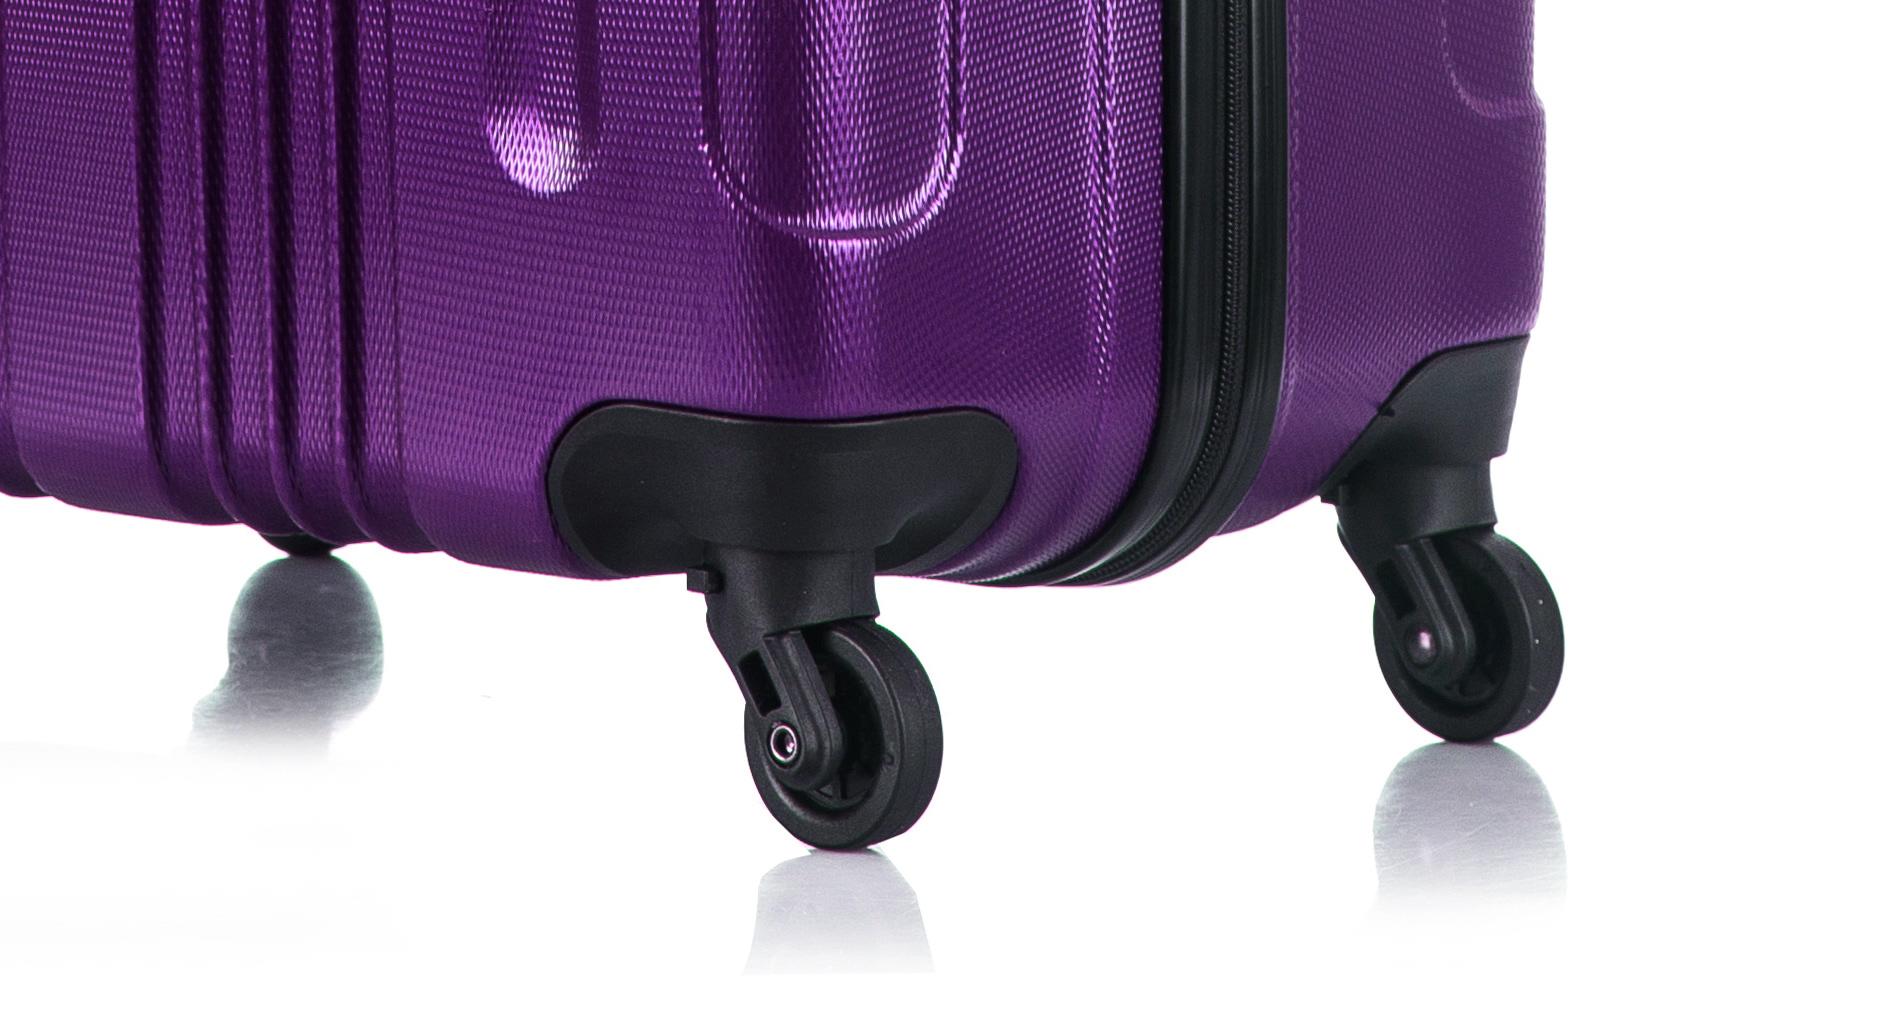 Чемодан со съемными колесами L'case Bangkok-26 Фиолетовый (L)